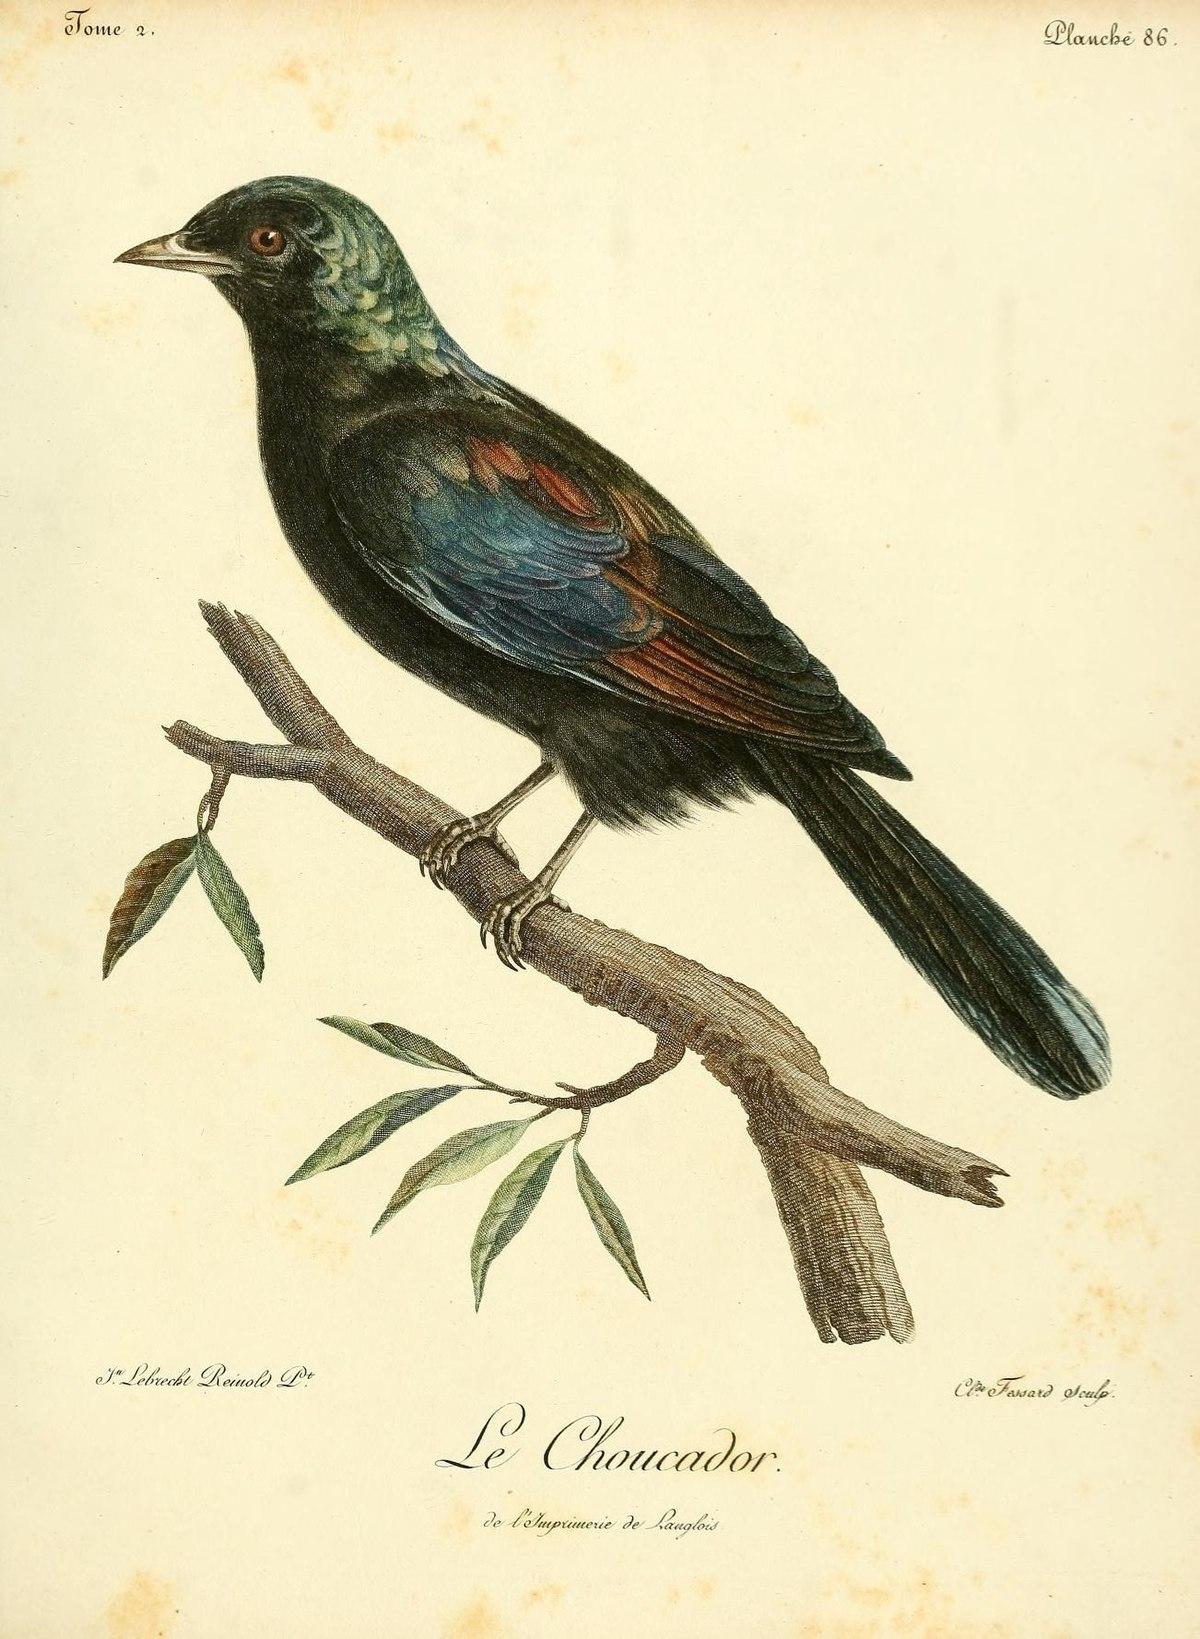 Principe starling wikidata for Histoire des jardins wikipedia